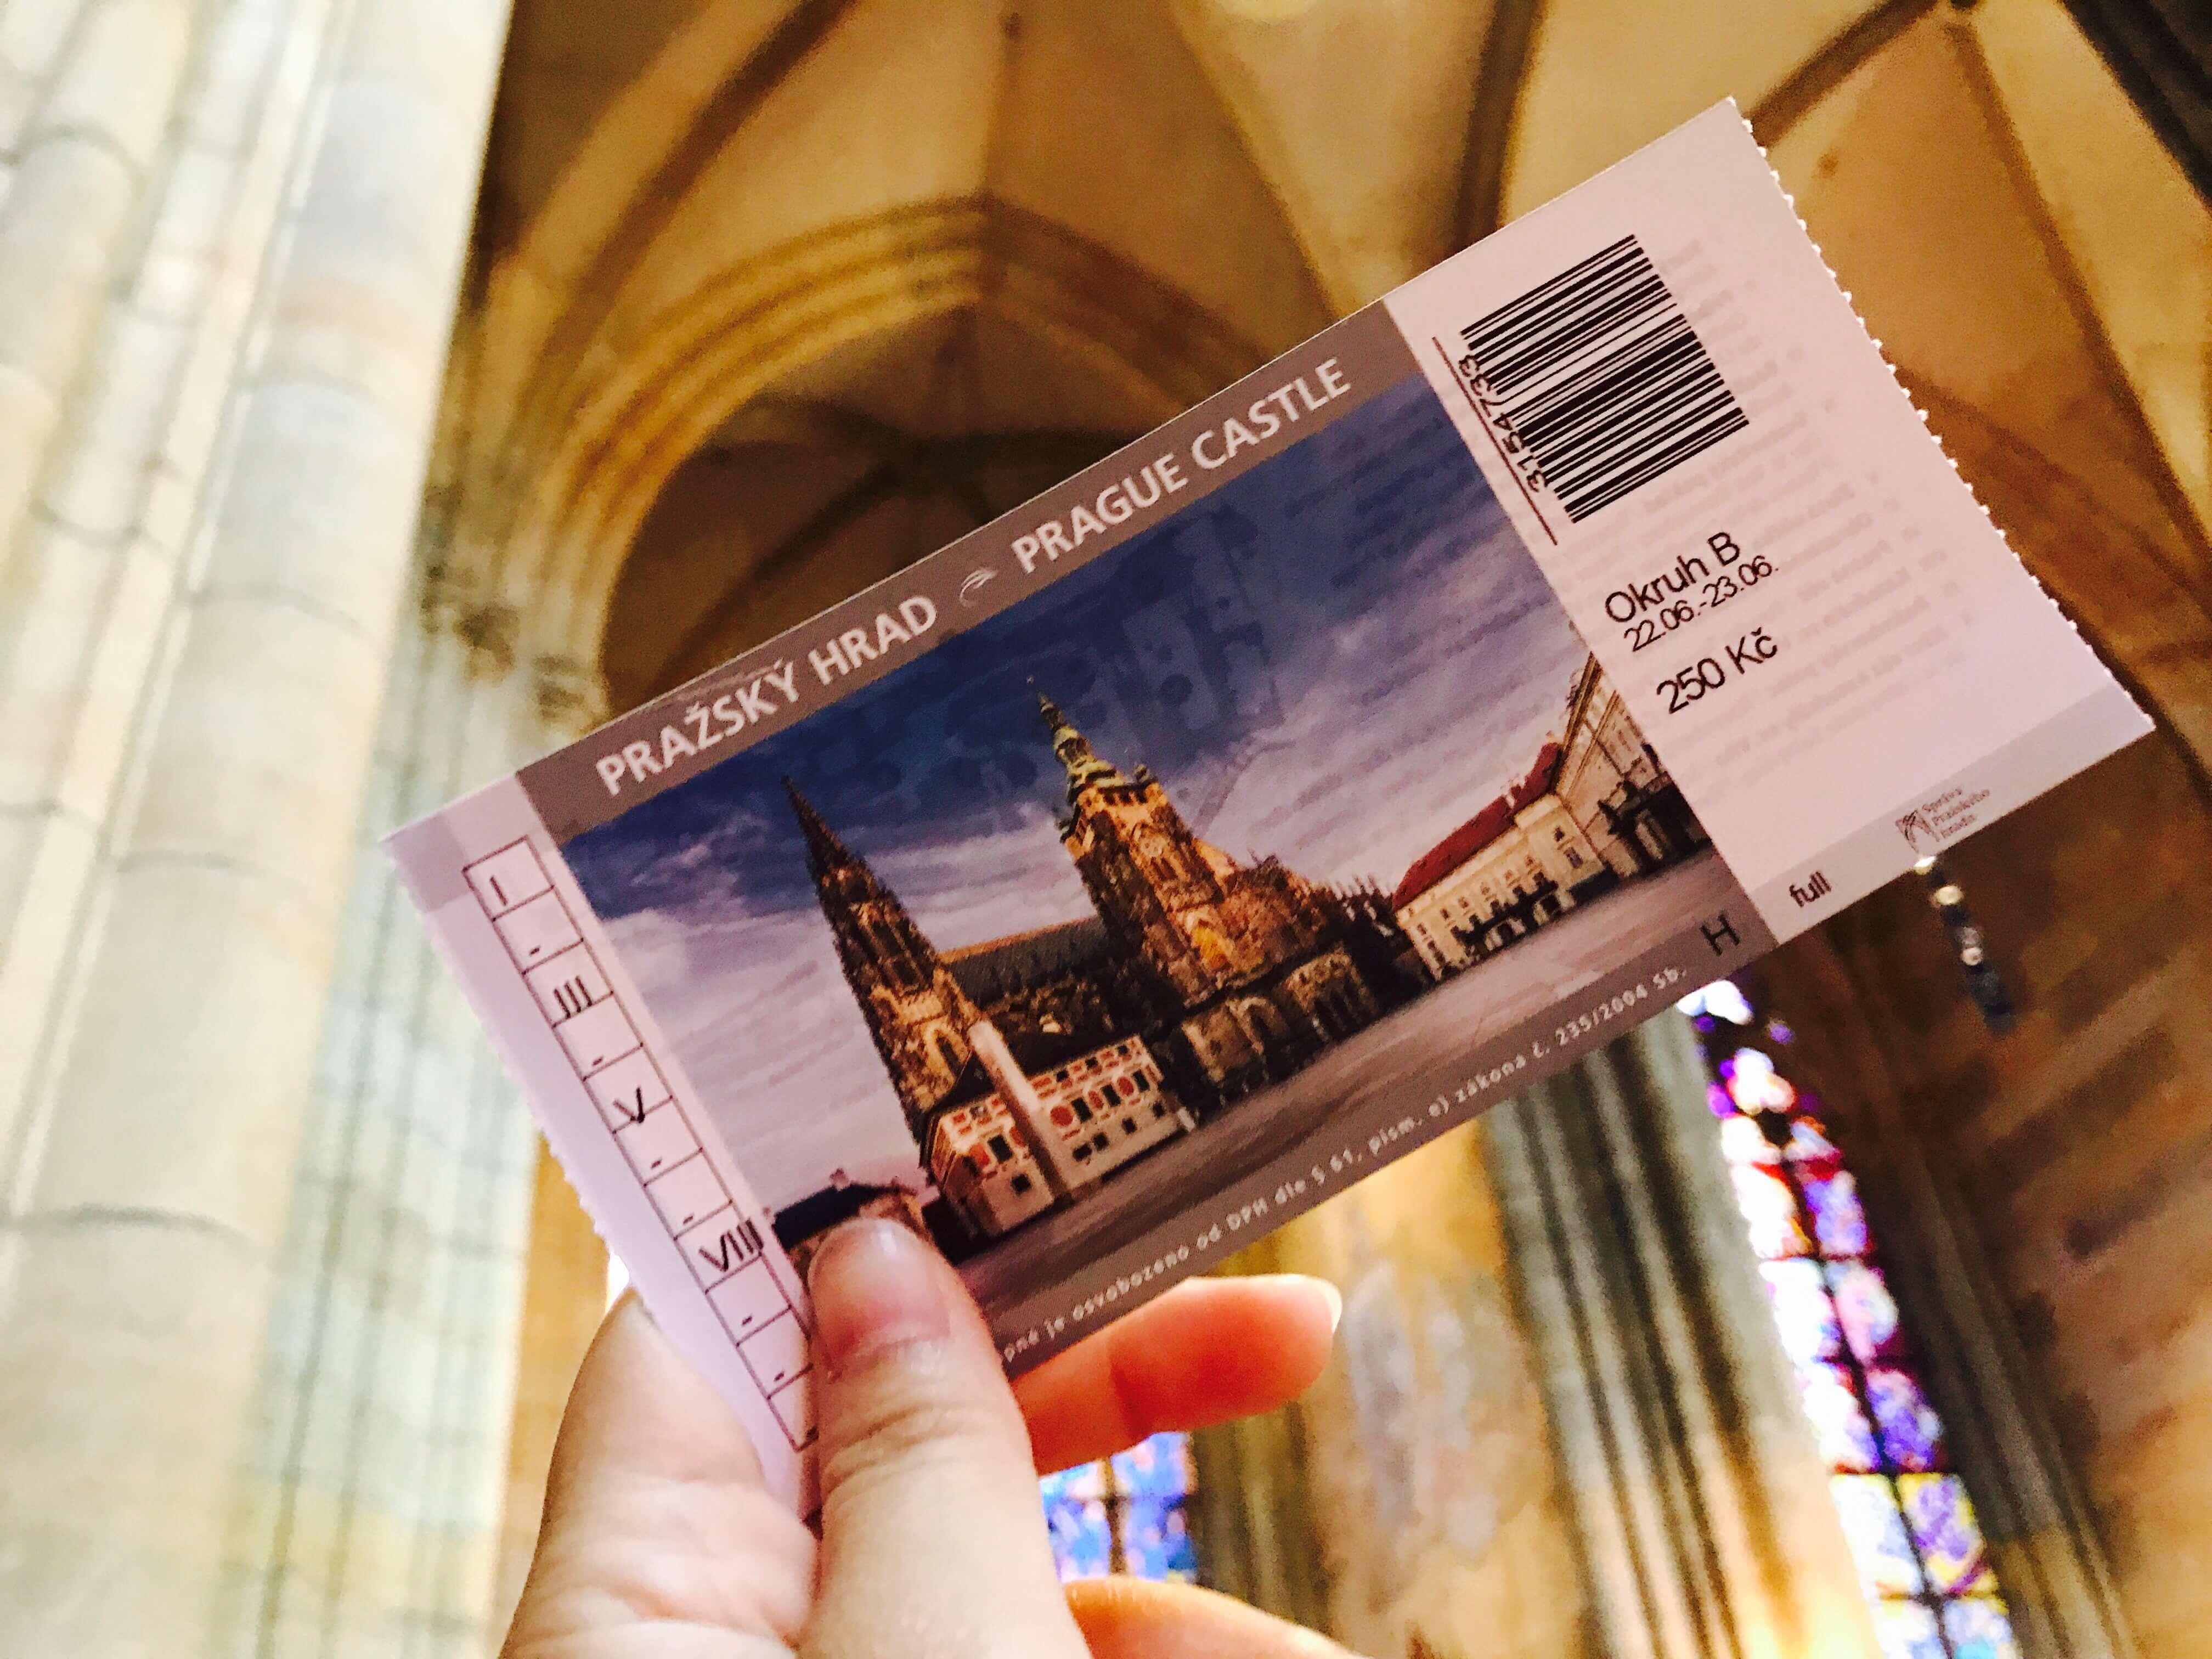 門票上印有聖維特大教堂超值得紀念!Photographer / Penny